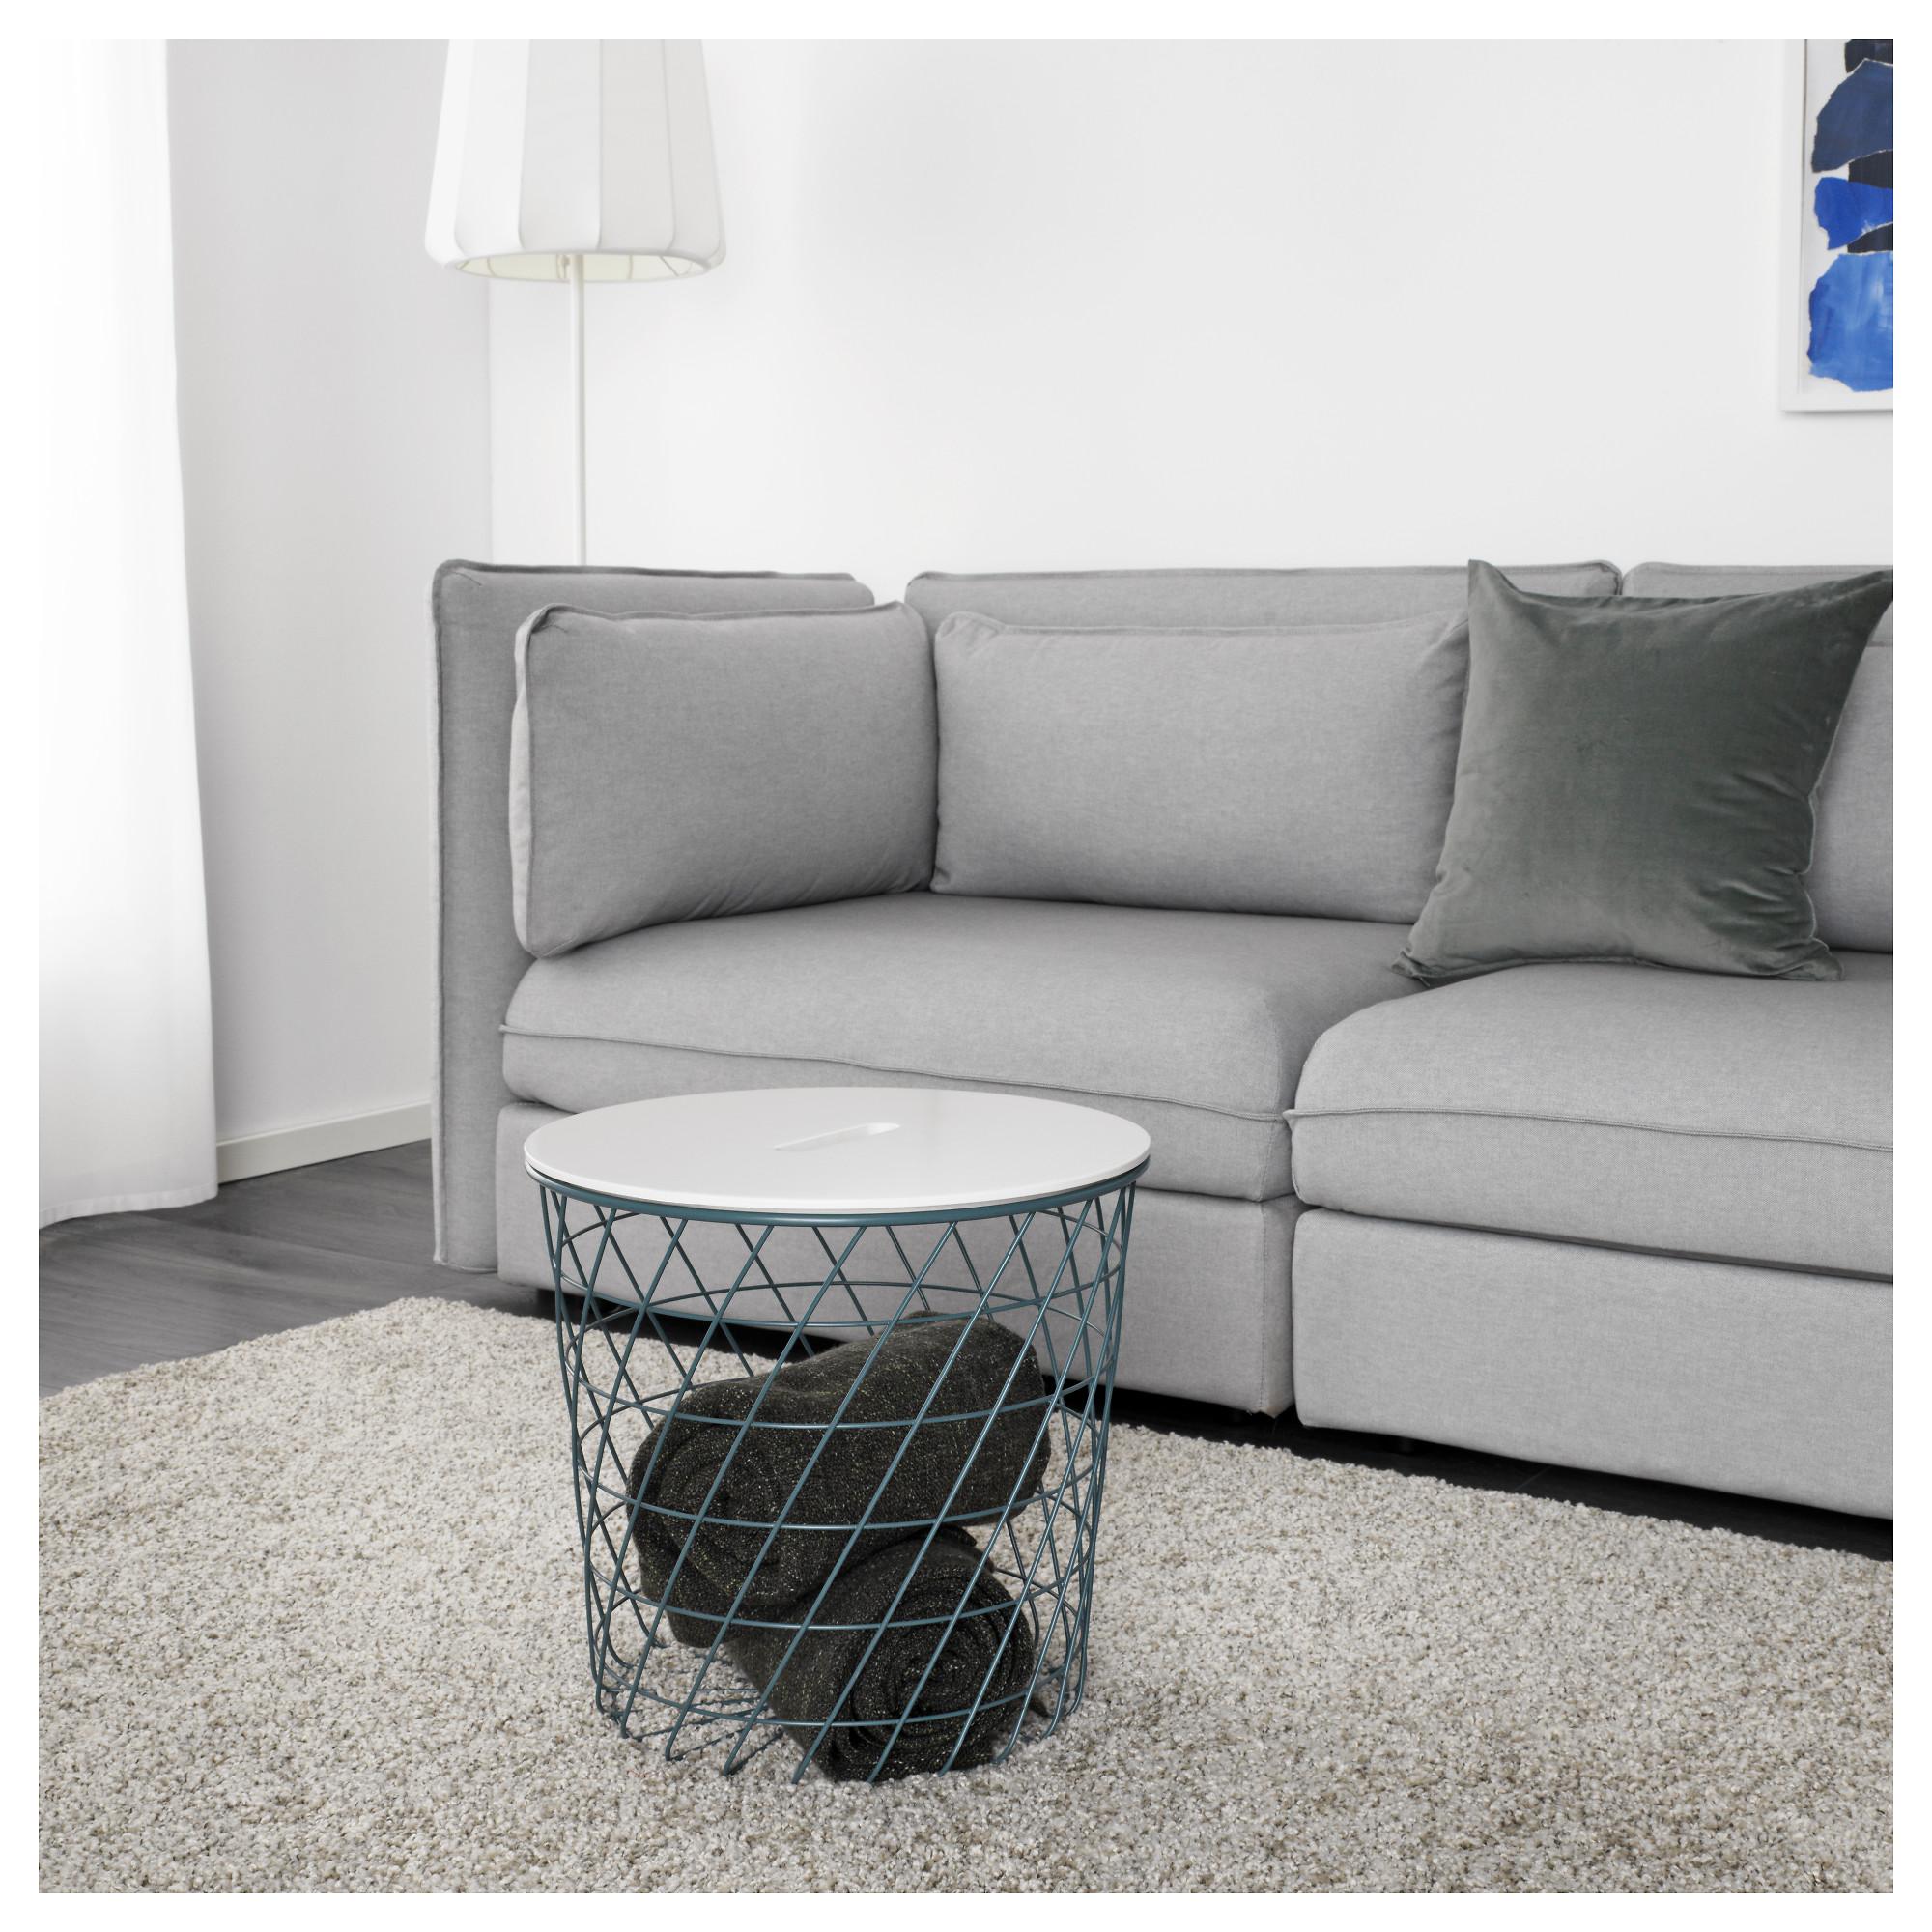 Столик с отделениями для хранения КВИСТБРУ бирюзовый артикуль № 103.841.68 в наличии. Онлайн магазин IKEA РБ. Недорогая доставка и установка.